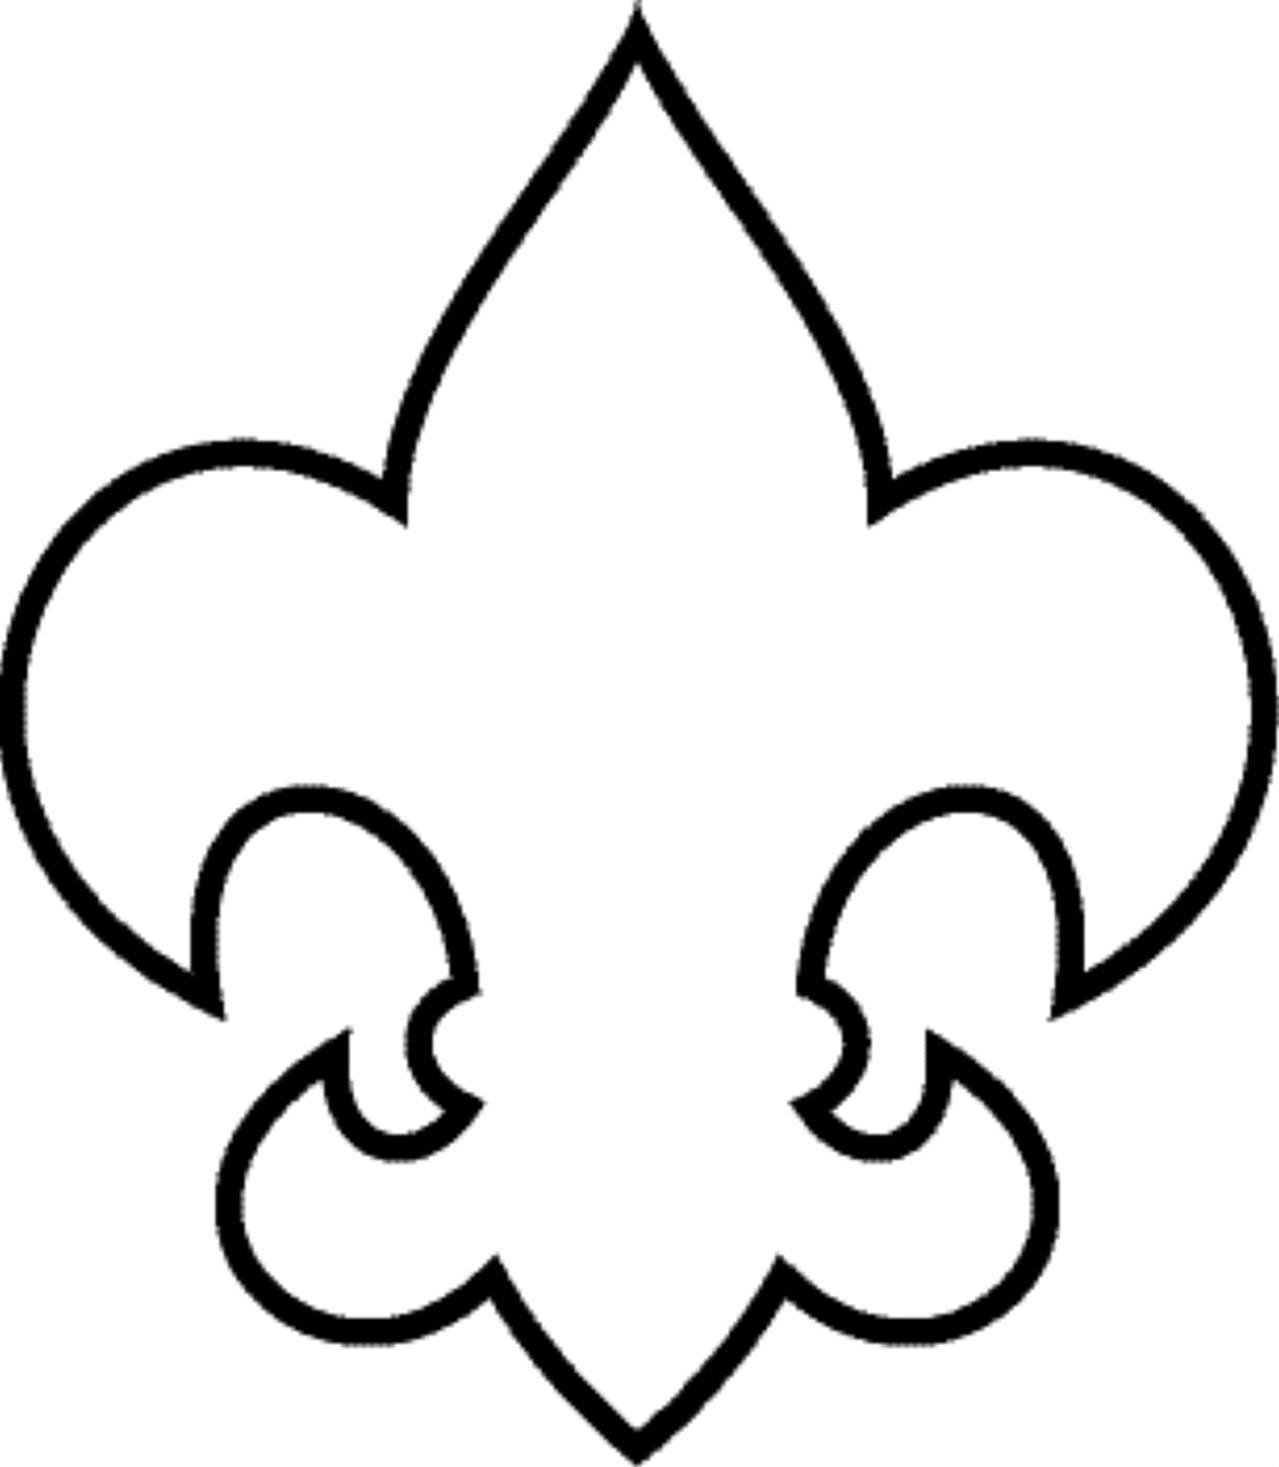 Boy Scout Clip Art Fleur De Lis Clipart Vector Design